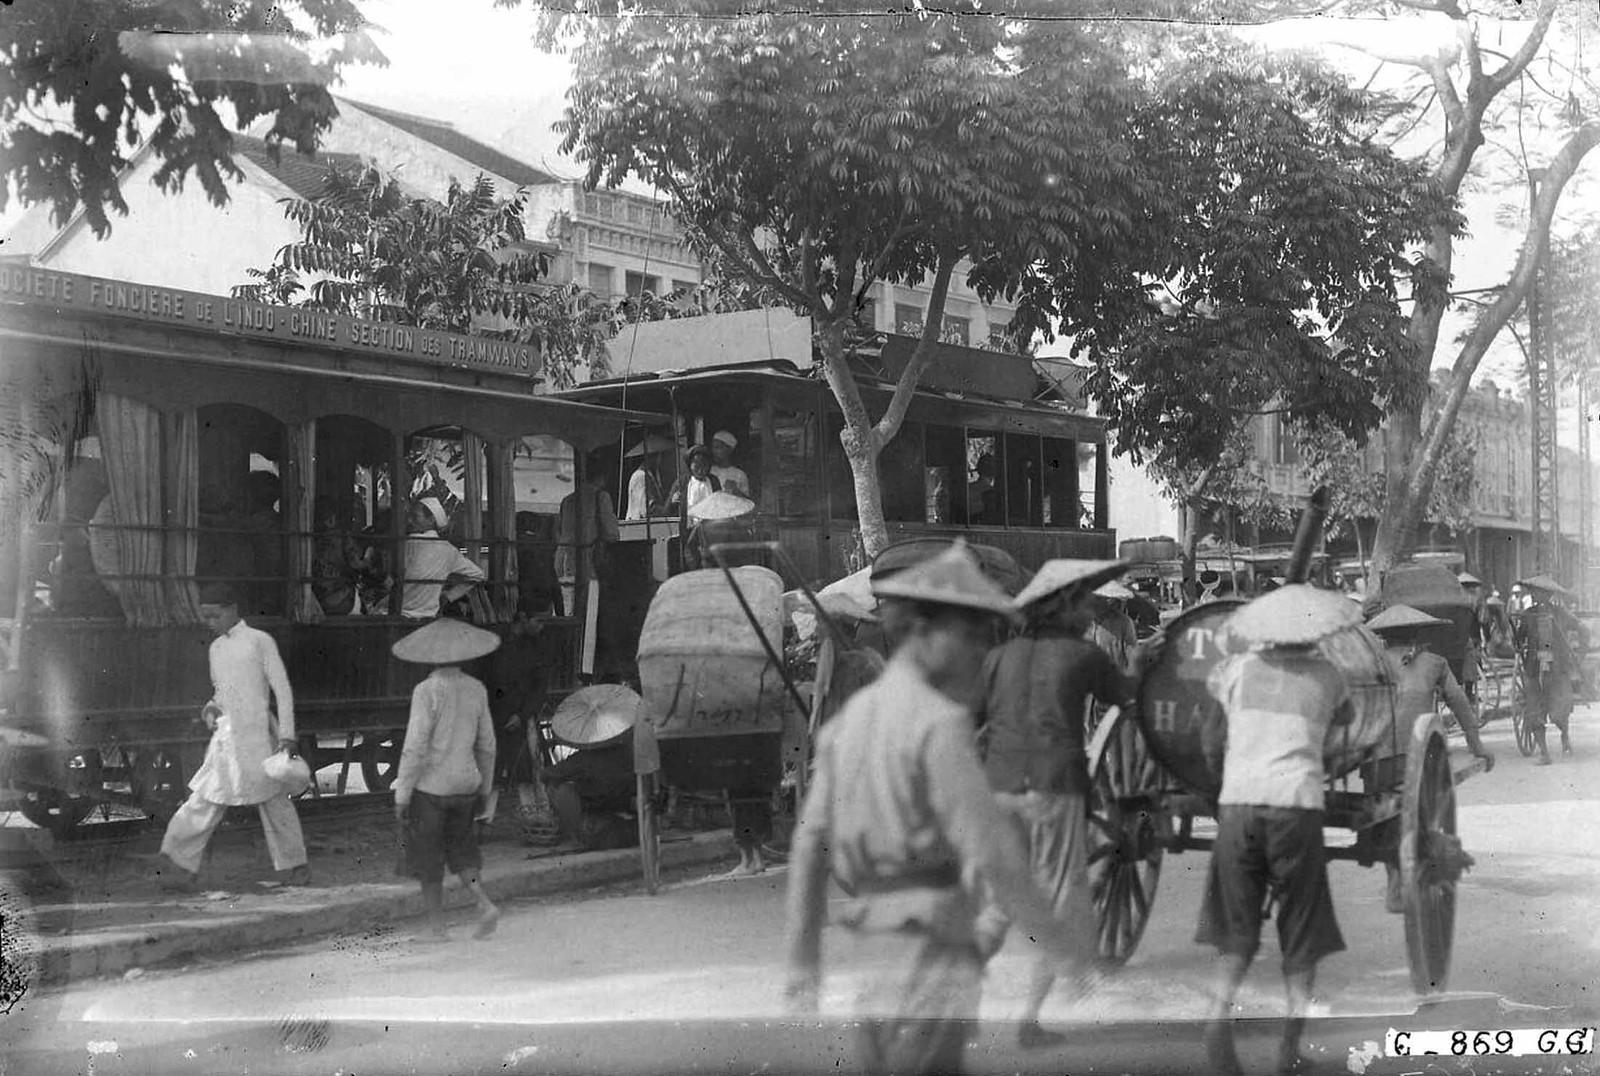 Chùm ảnh: Cuộc sống sôi động ở Hà Đông thập niên 1920